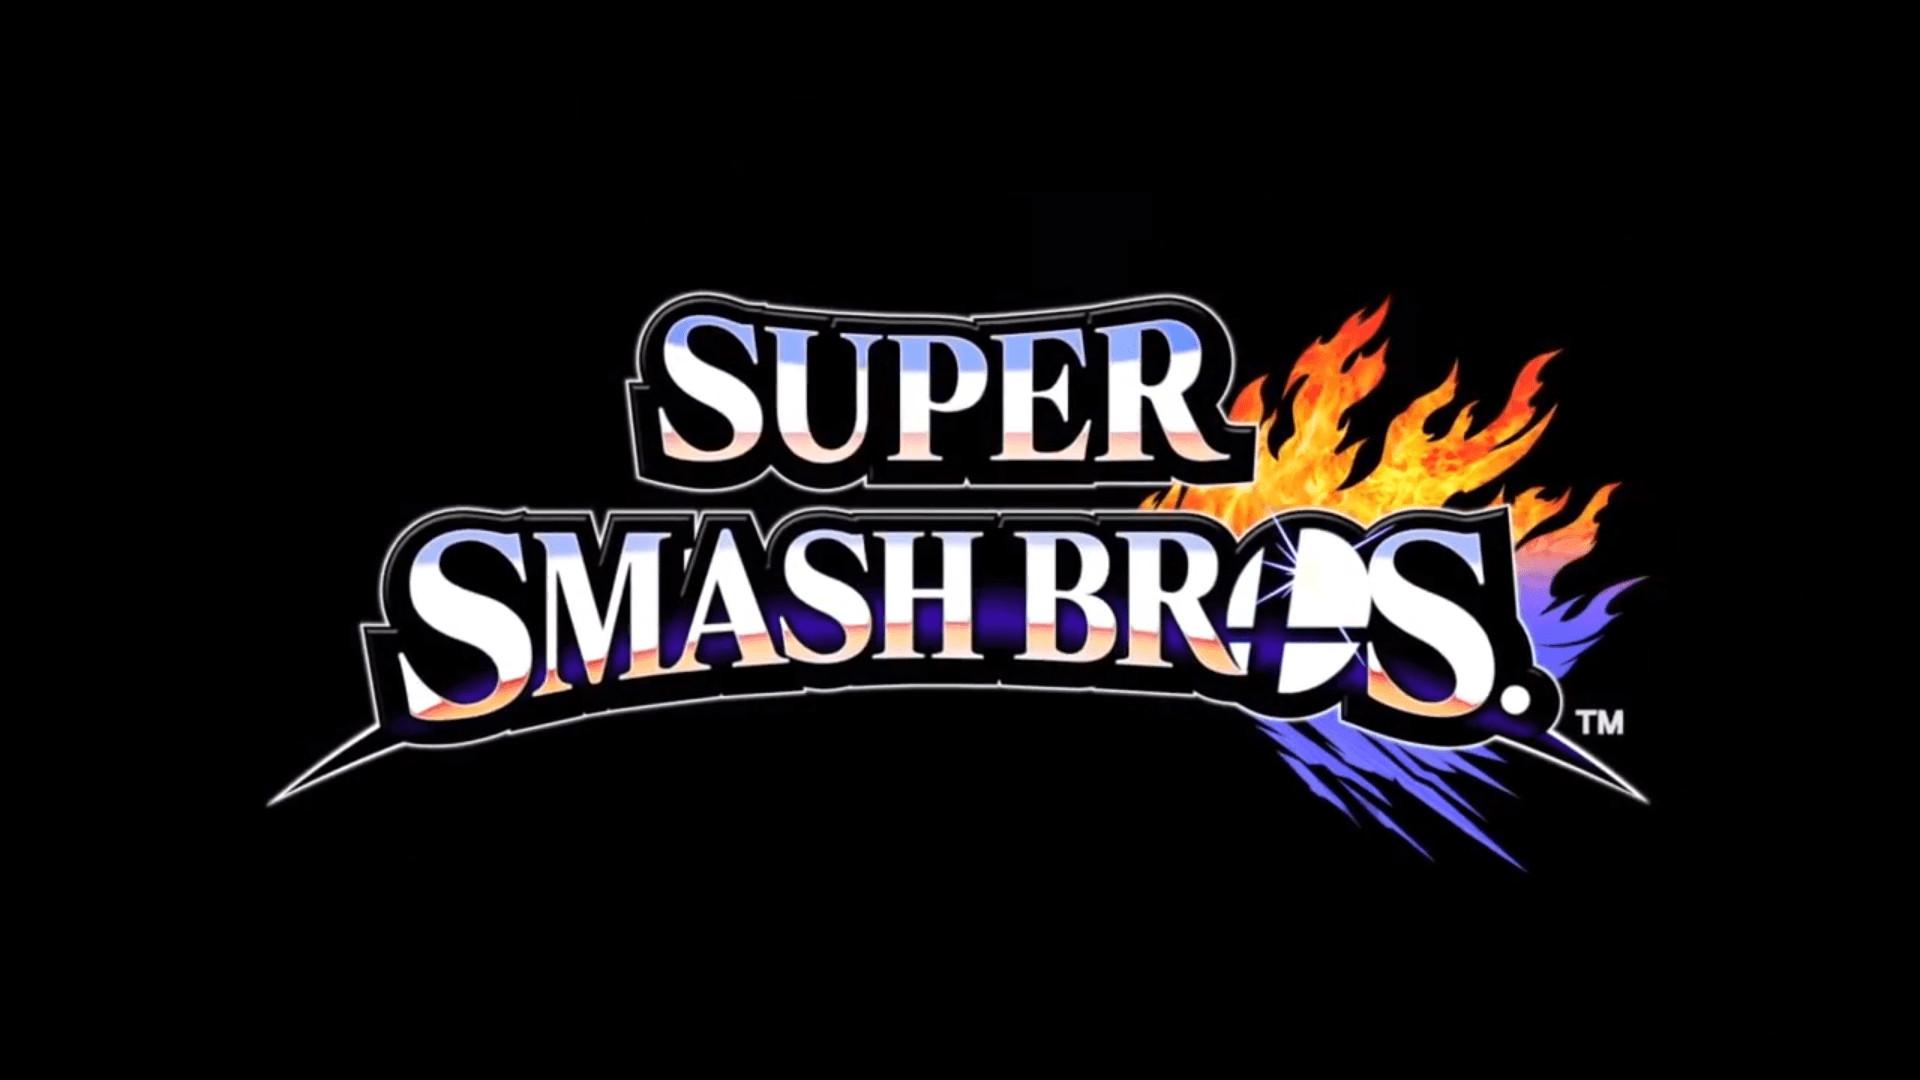 Super Smash Bros. Melee Wallpaper (1024 x 768 Pixels)